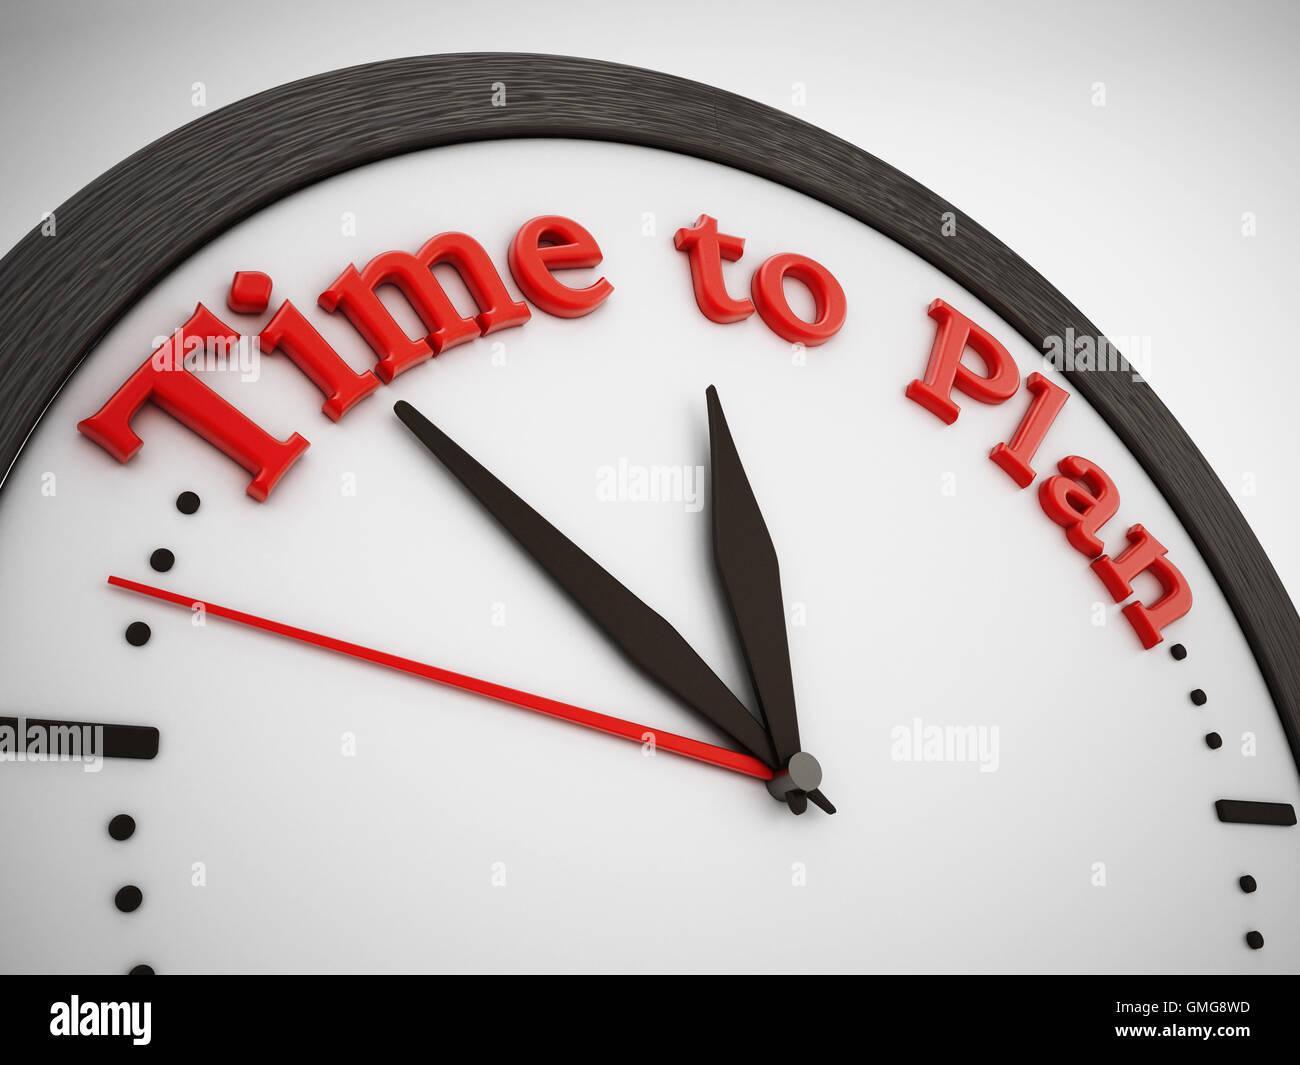 Tiempo para planificar la pena en el reloj. Ilustración 3D. Imagen De Stock